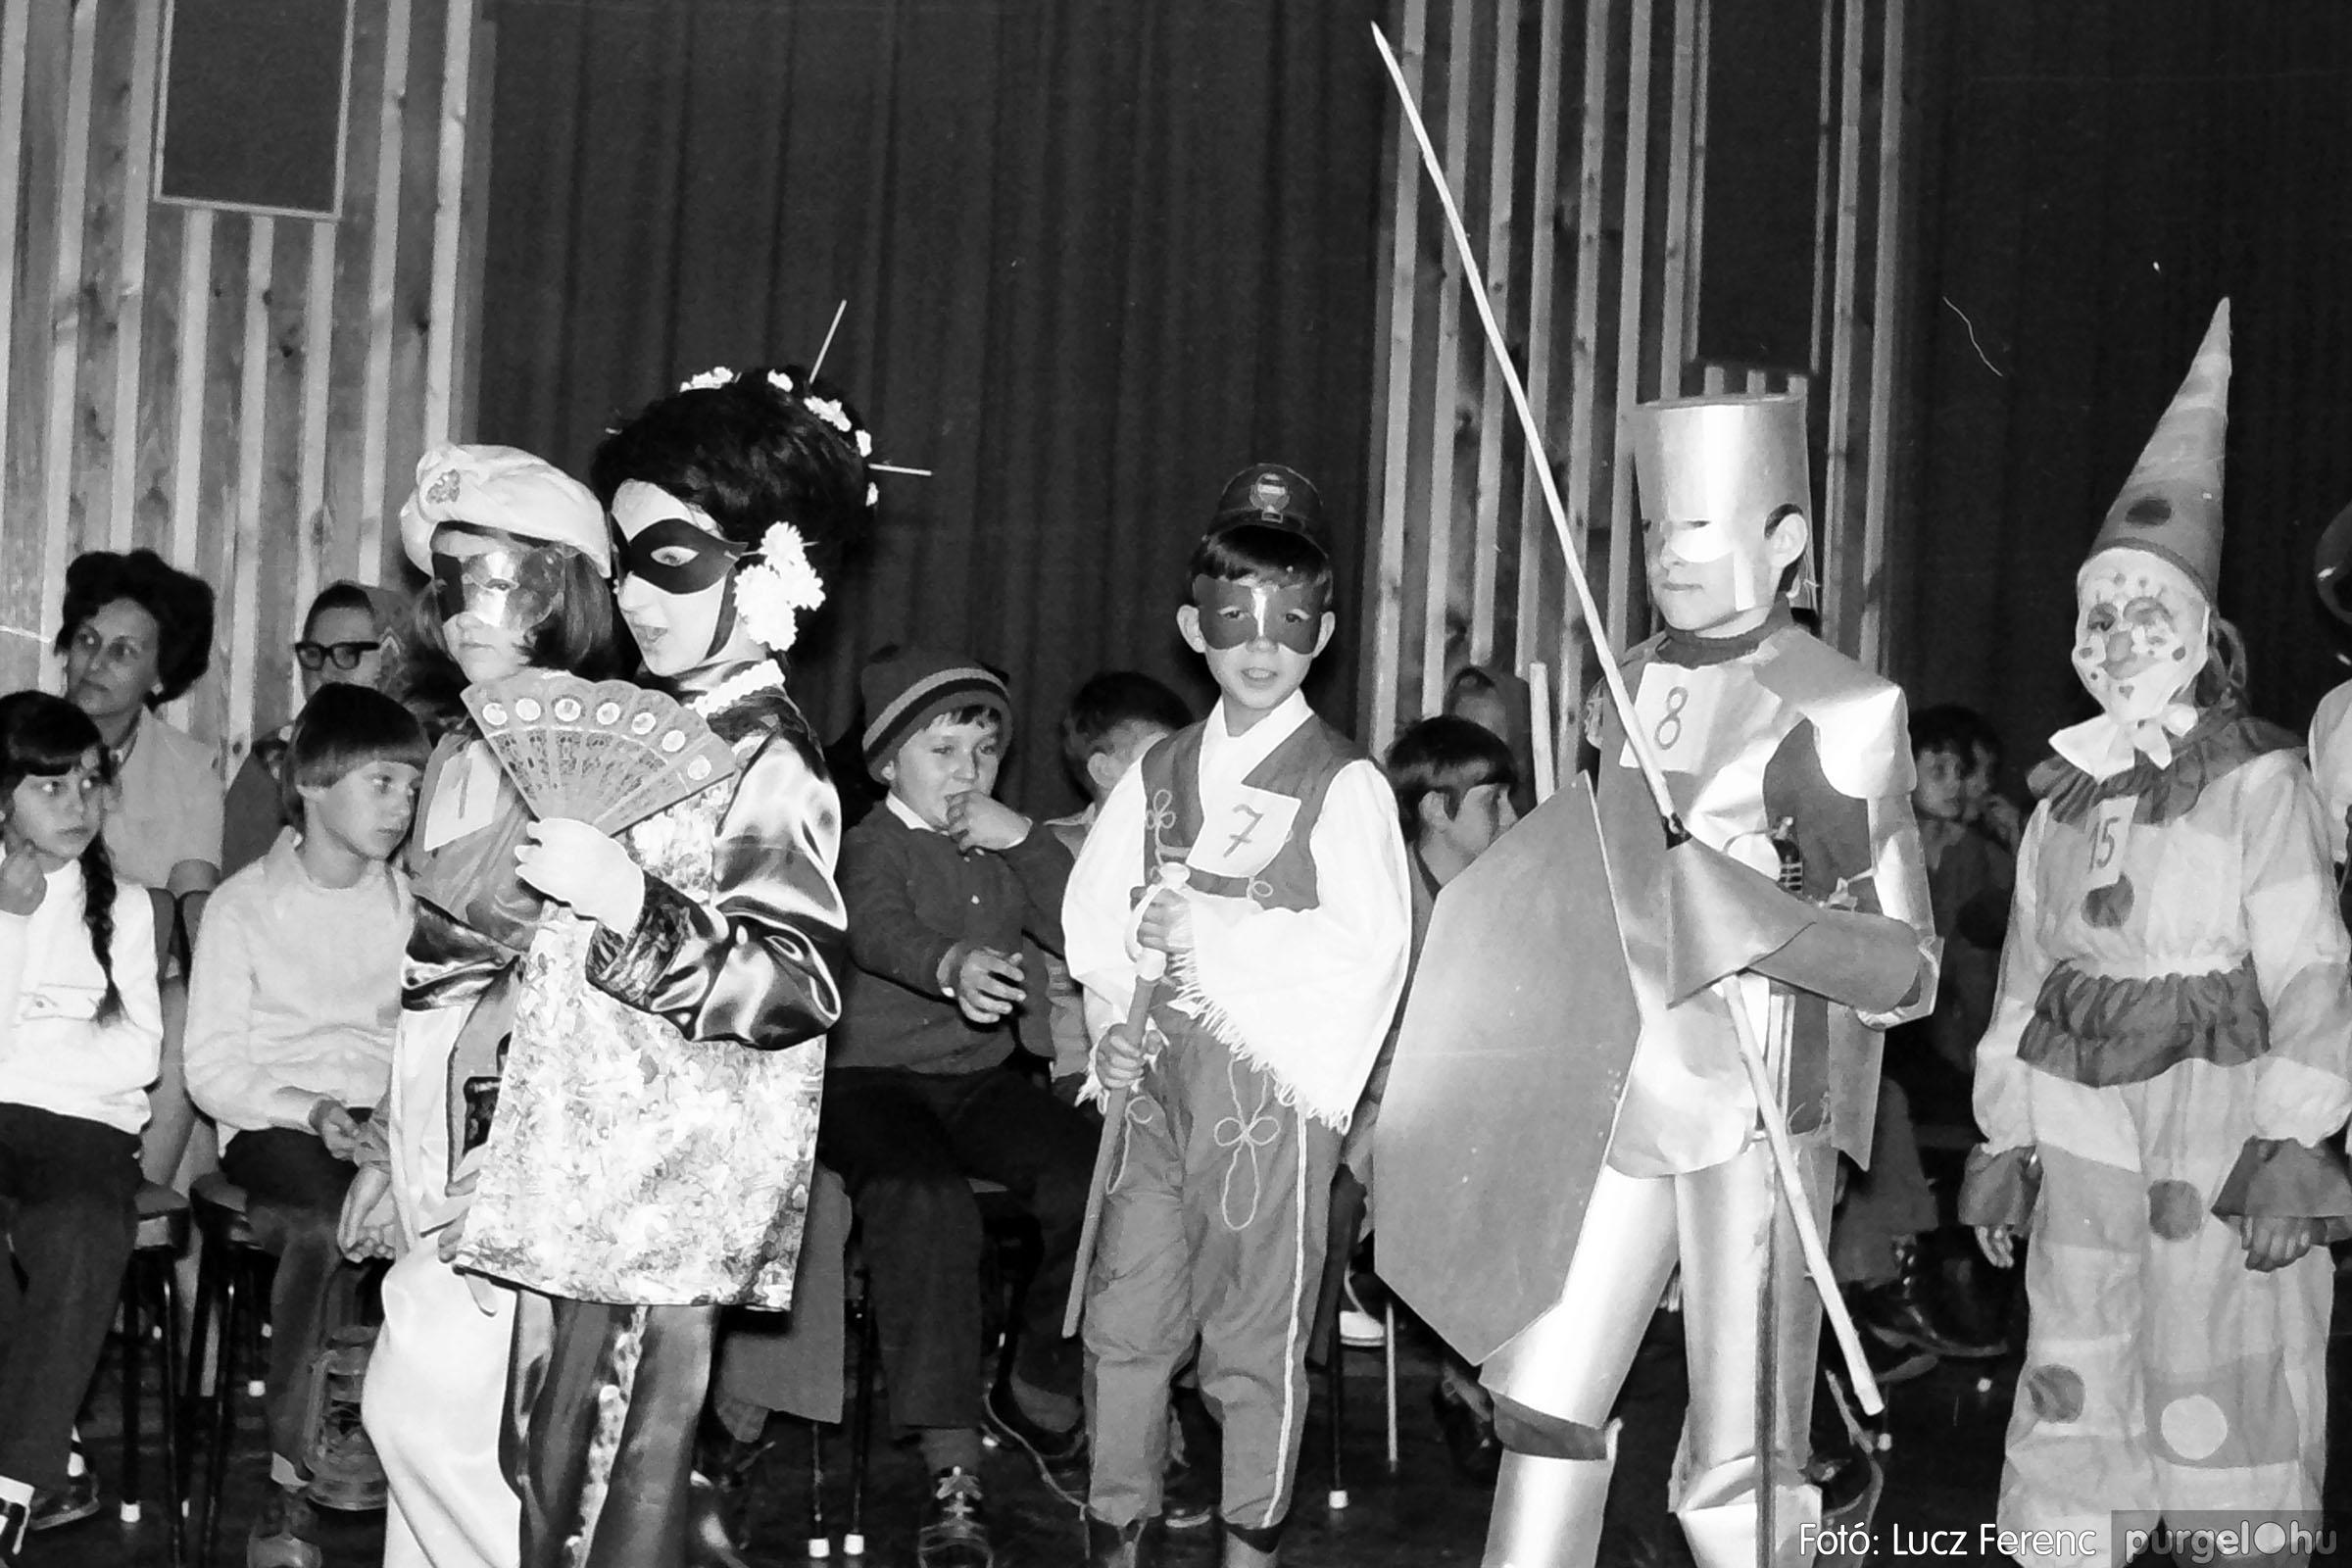 035. 1976. Iskolai farsang a kultúrházban 002 - Fotó: Lucz Ferenc.jpg